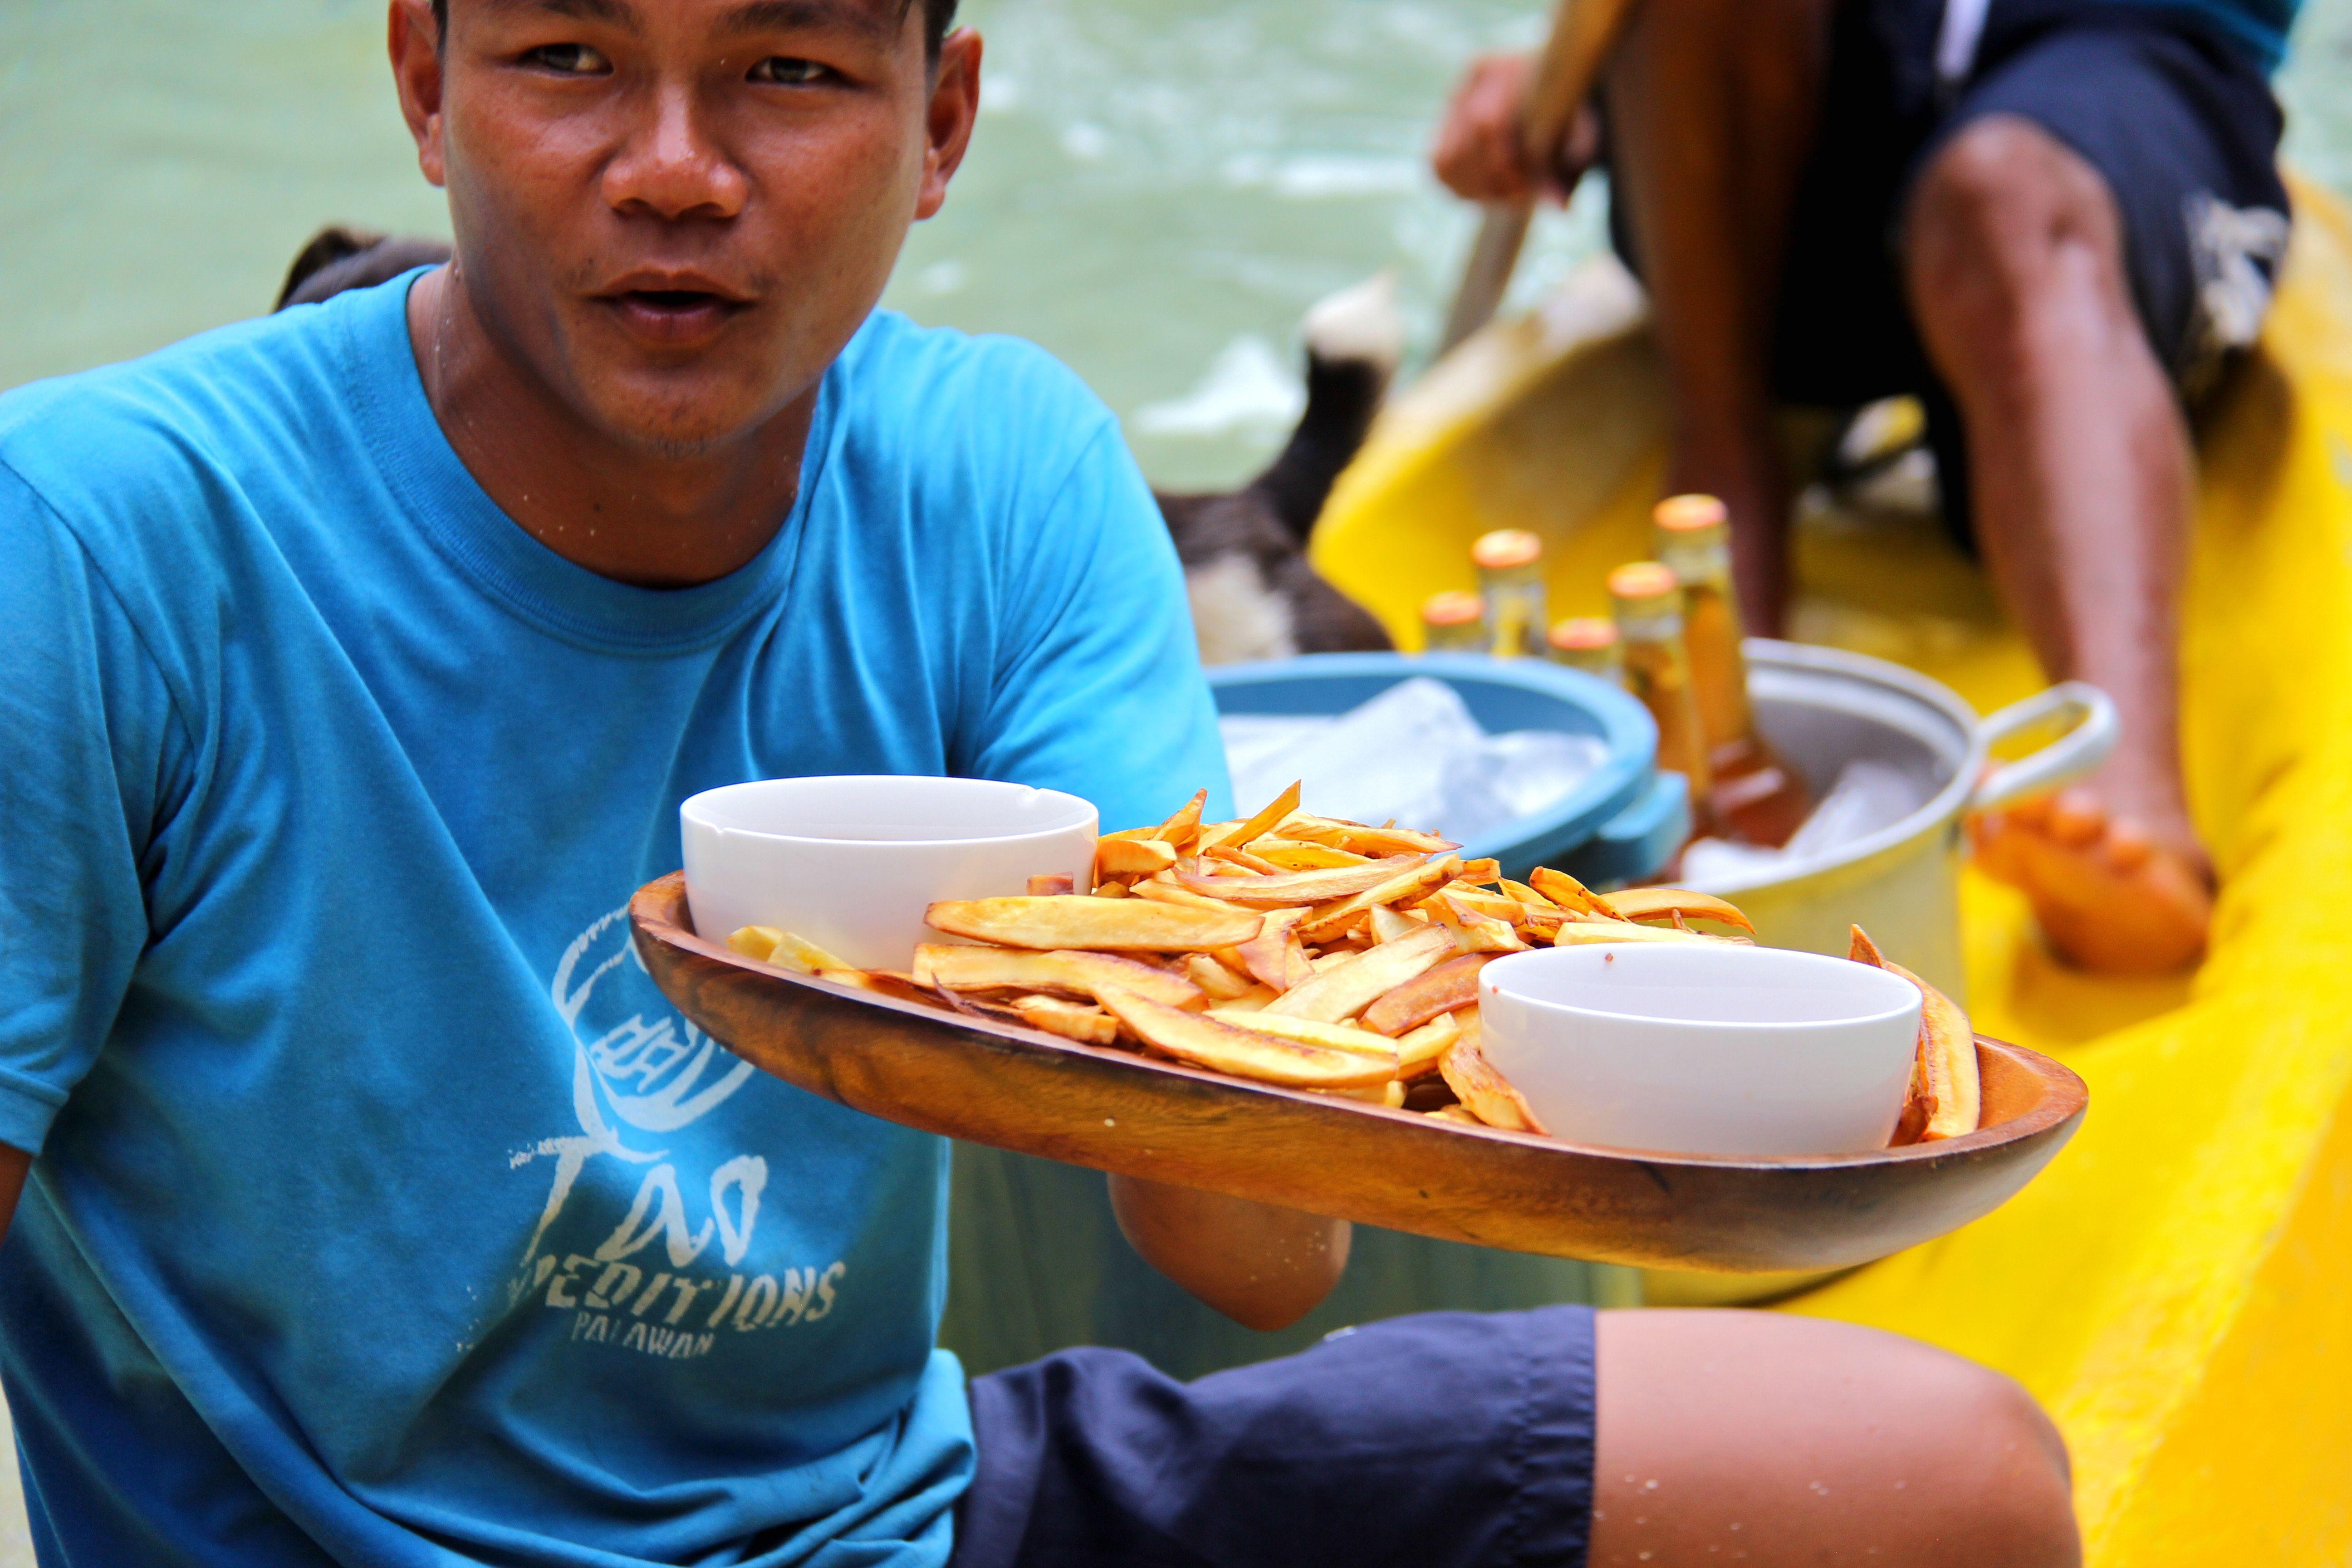 Frites de patates douces et lait concentré sucré pour le goûter - Tao expeditions